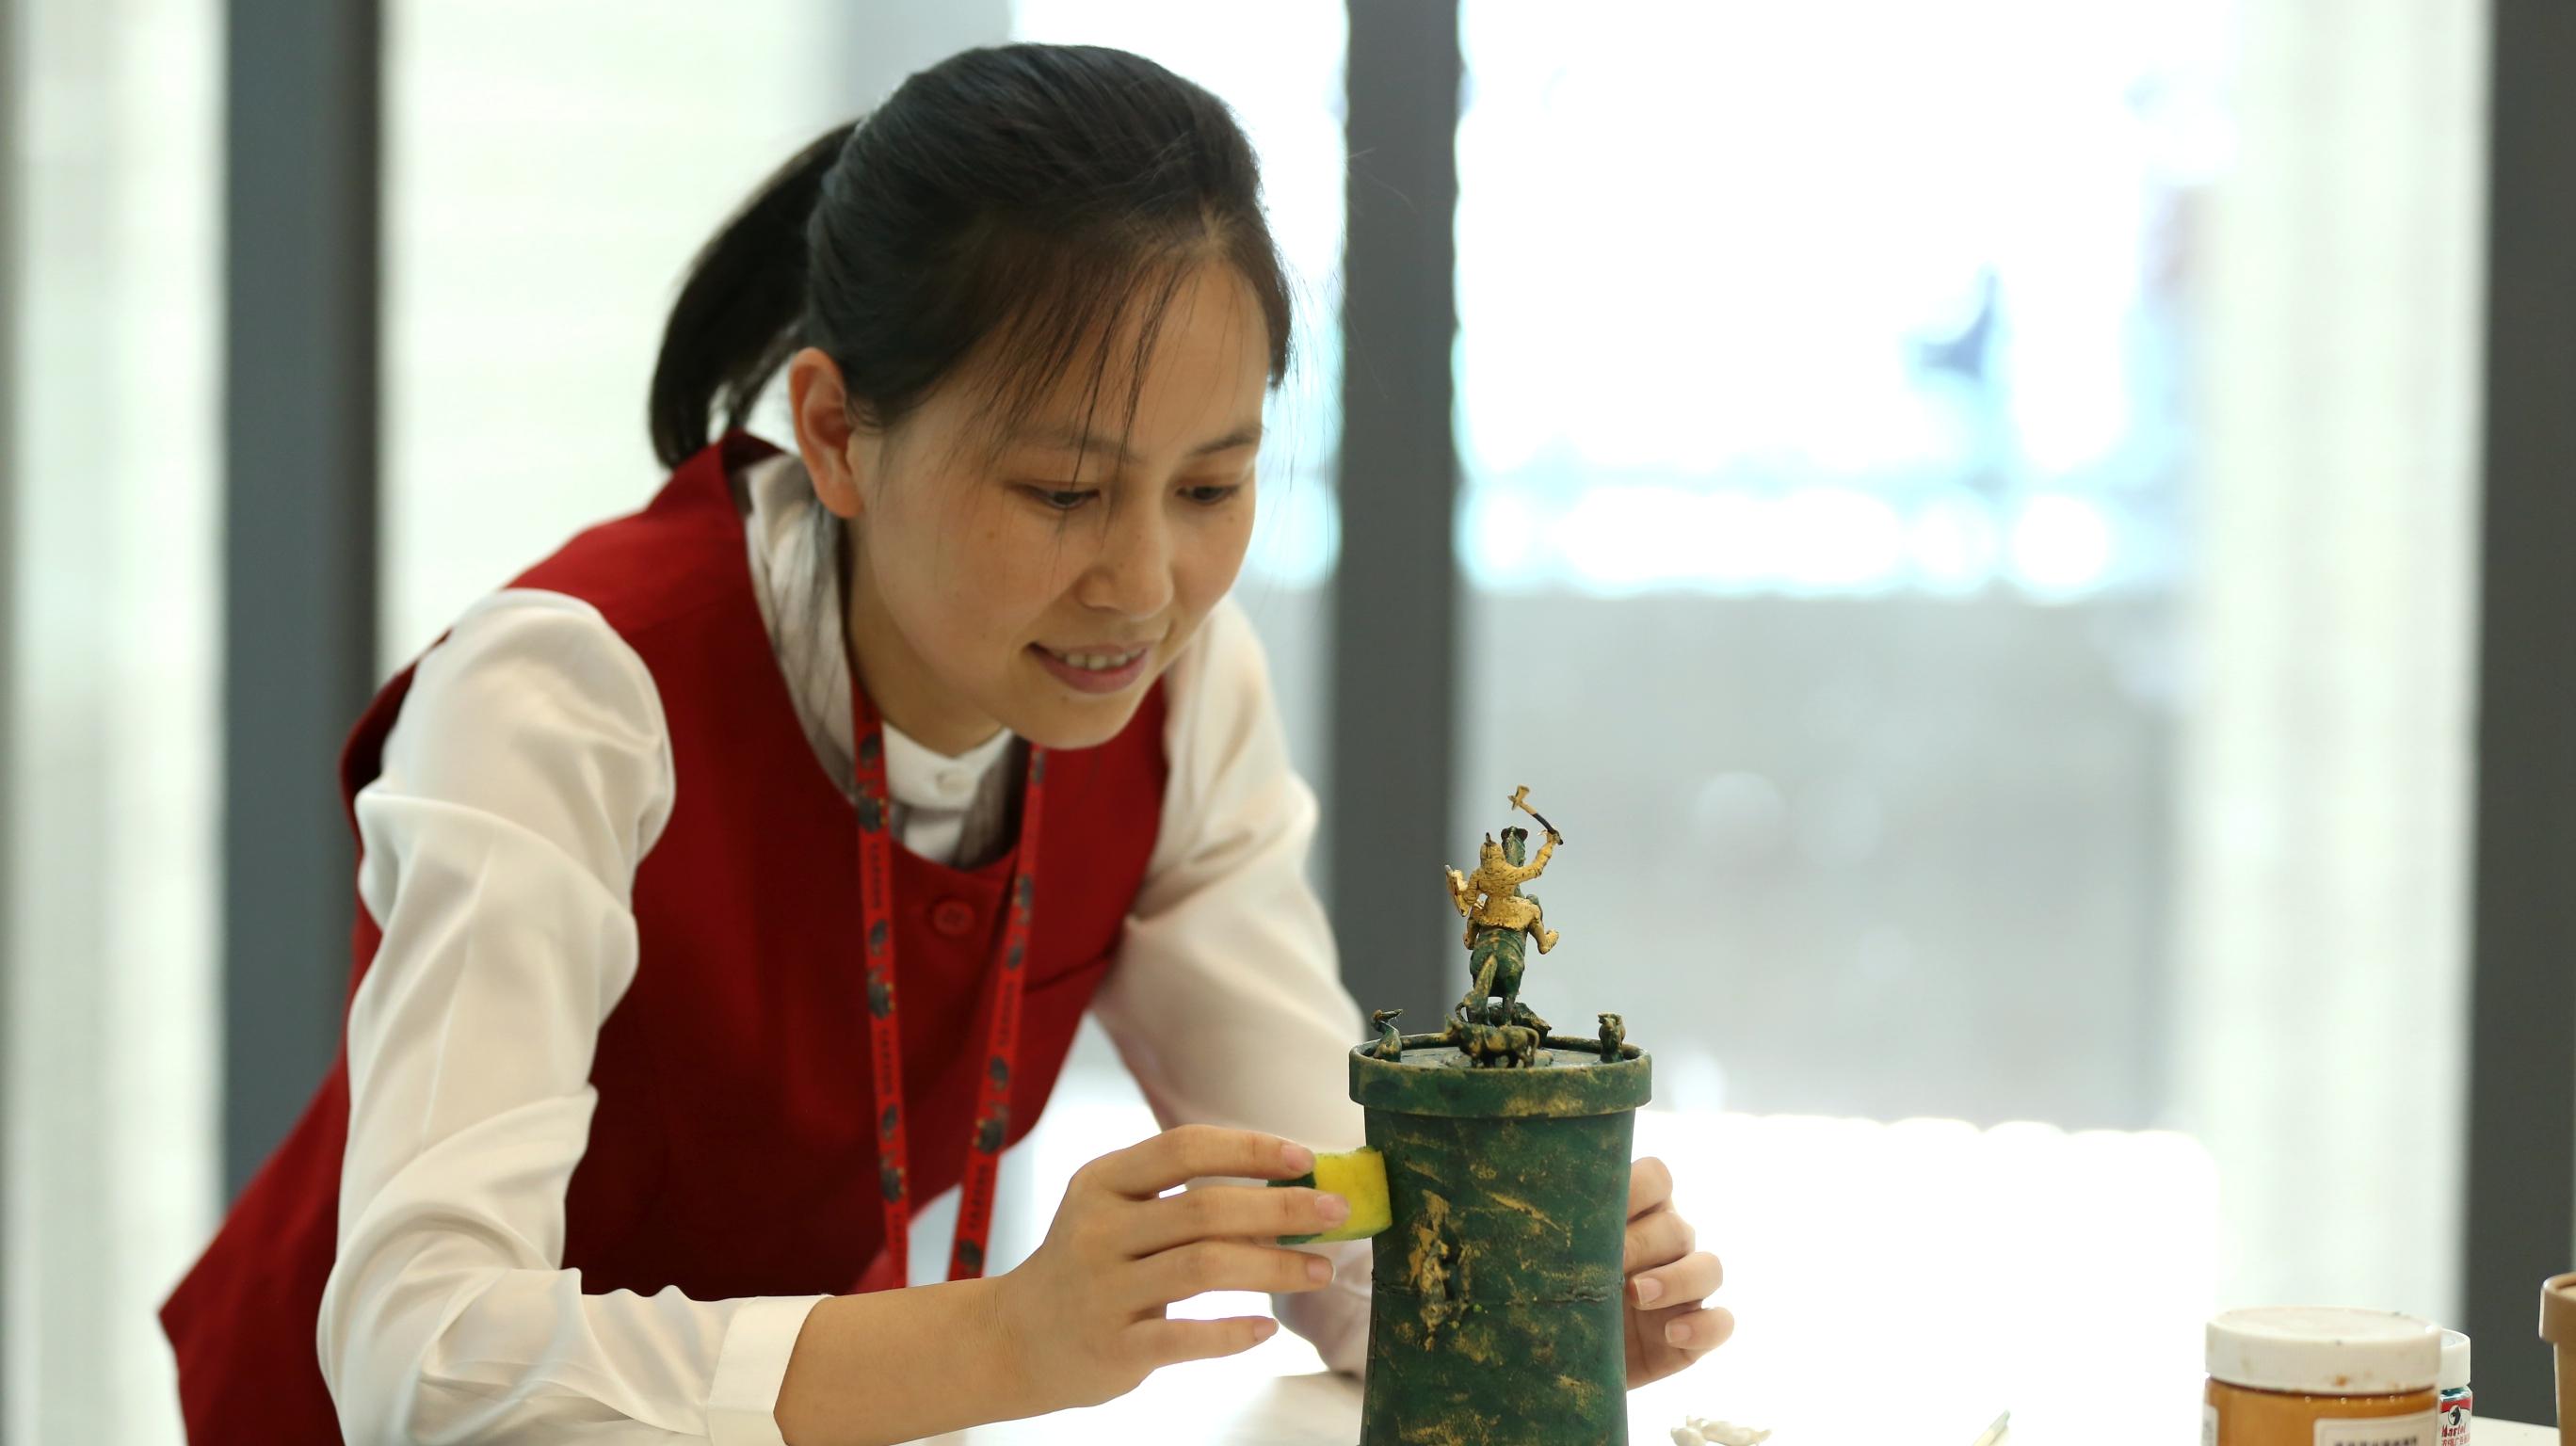 國際博物館日,到雲南省博物館'倣制'一件貯貝器。